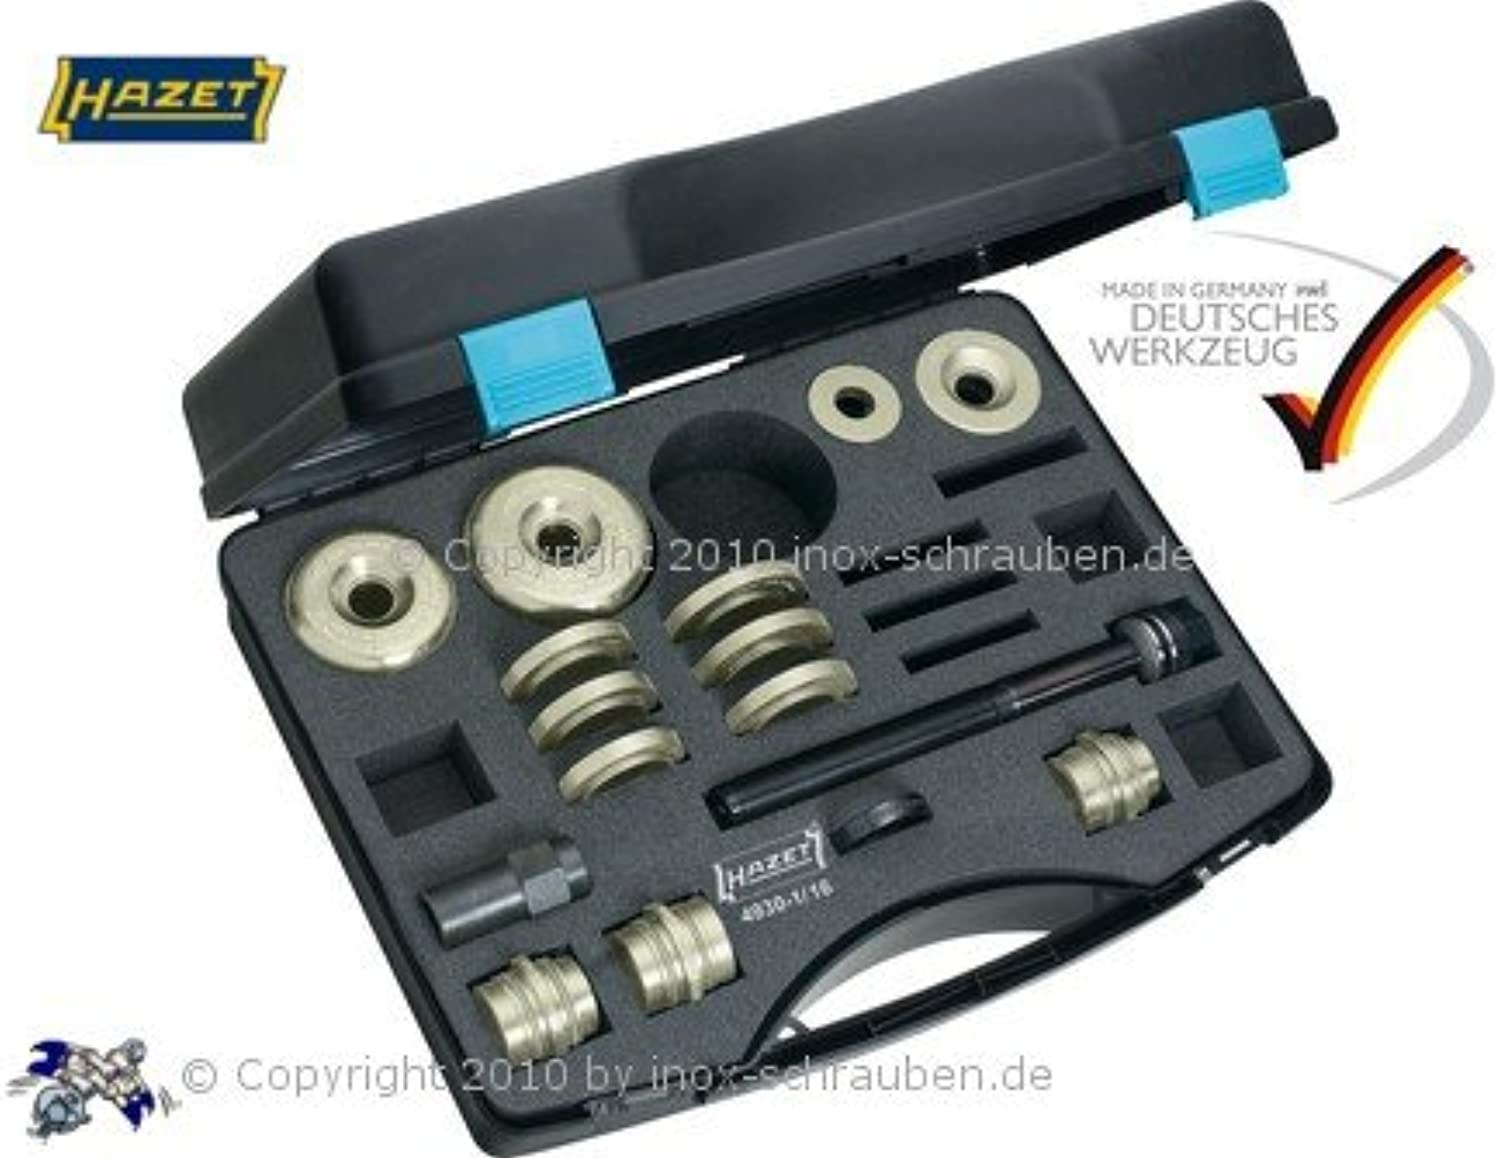 HAZET – Unter Berücksichtigung Tool Set 4930 – 2 15 B00HPWT6WY | Bevorzugtes Material